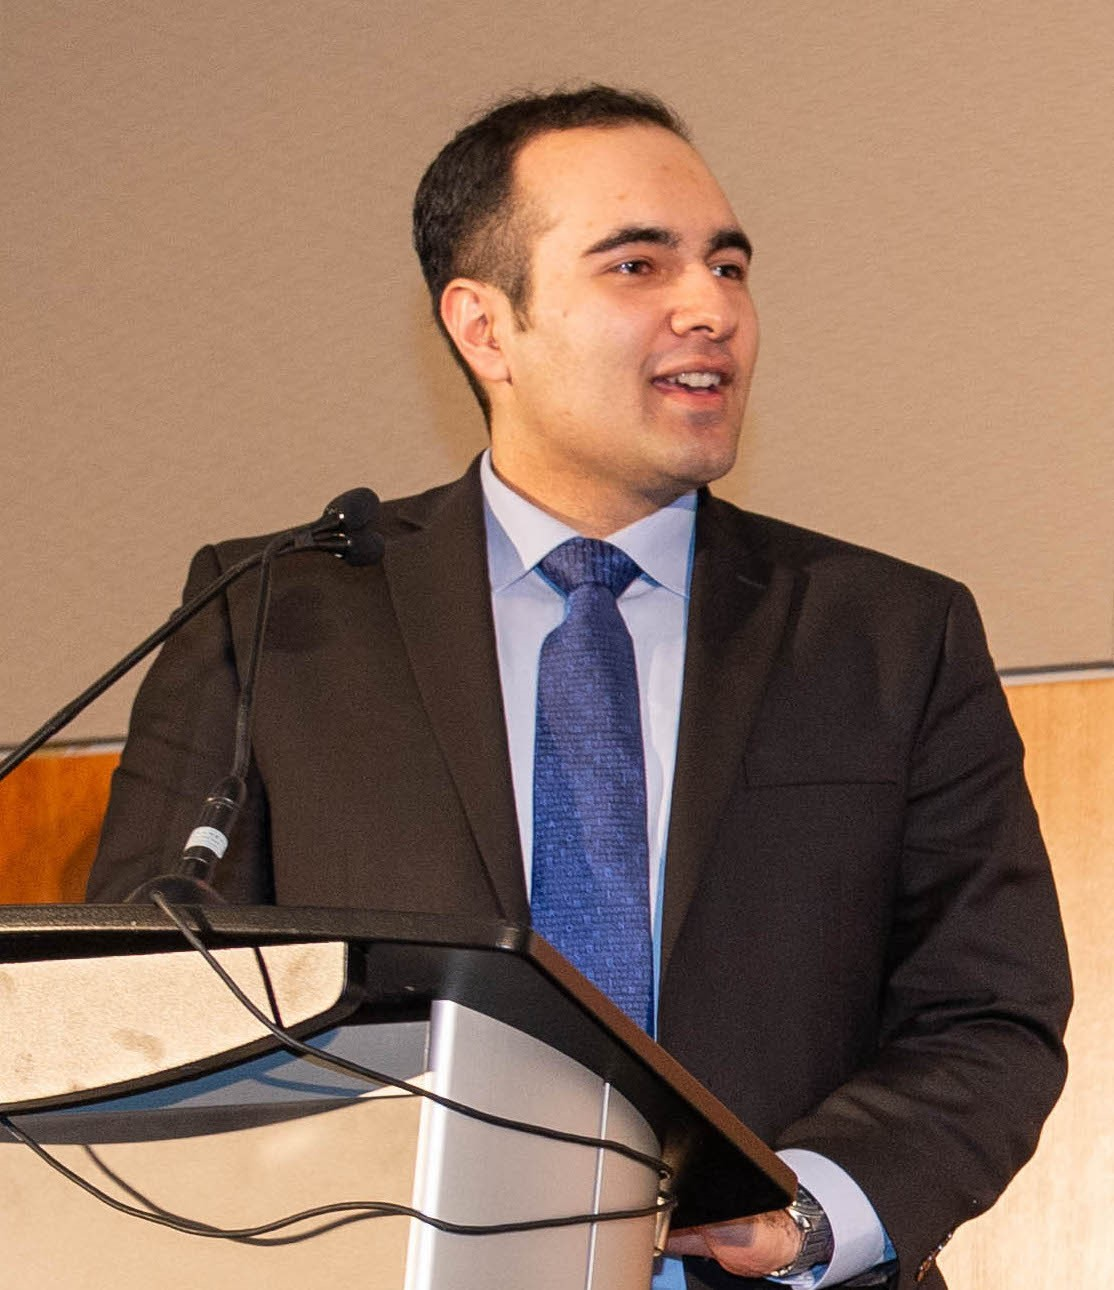 Mohammad Asadi Lari